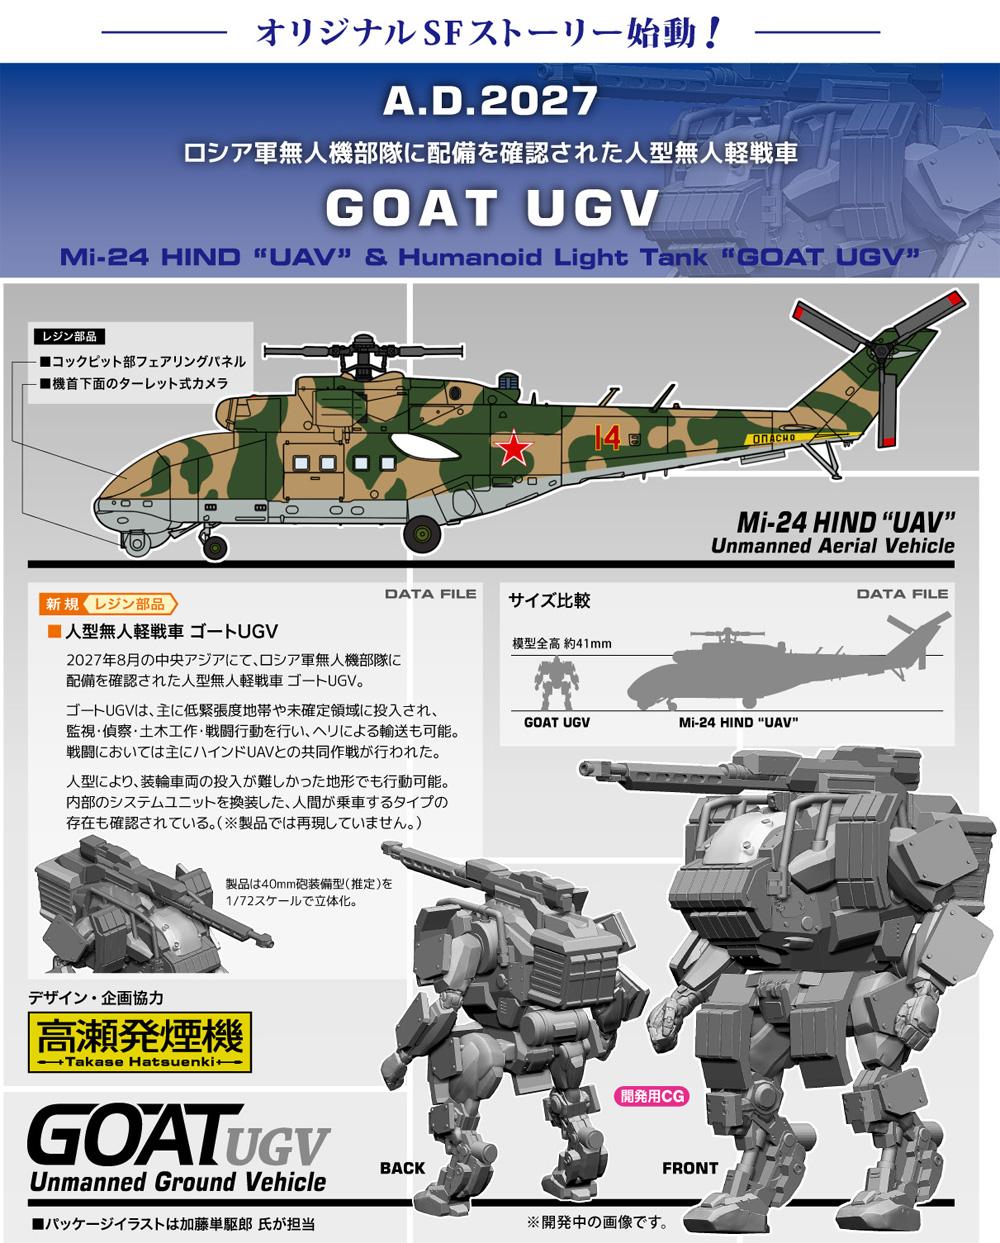 Mi-24 ハインド UAV & 人型軽戦車 ゴート UGVプラモデル(ハセガワ1/72 飛行機 限定生産No.02368)商品画像_2